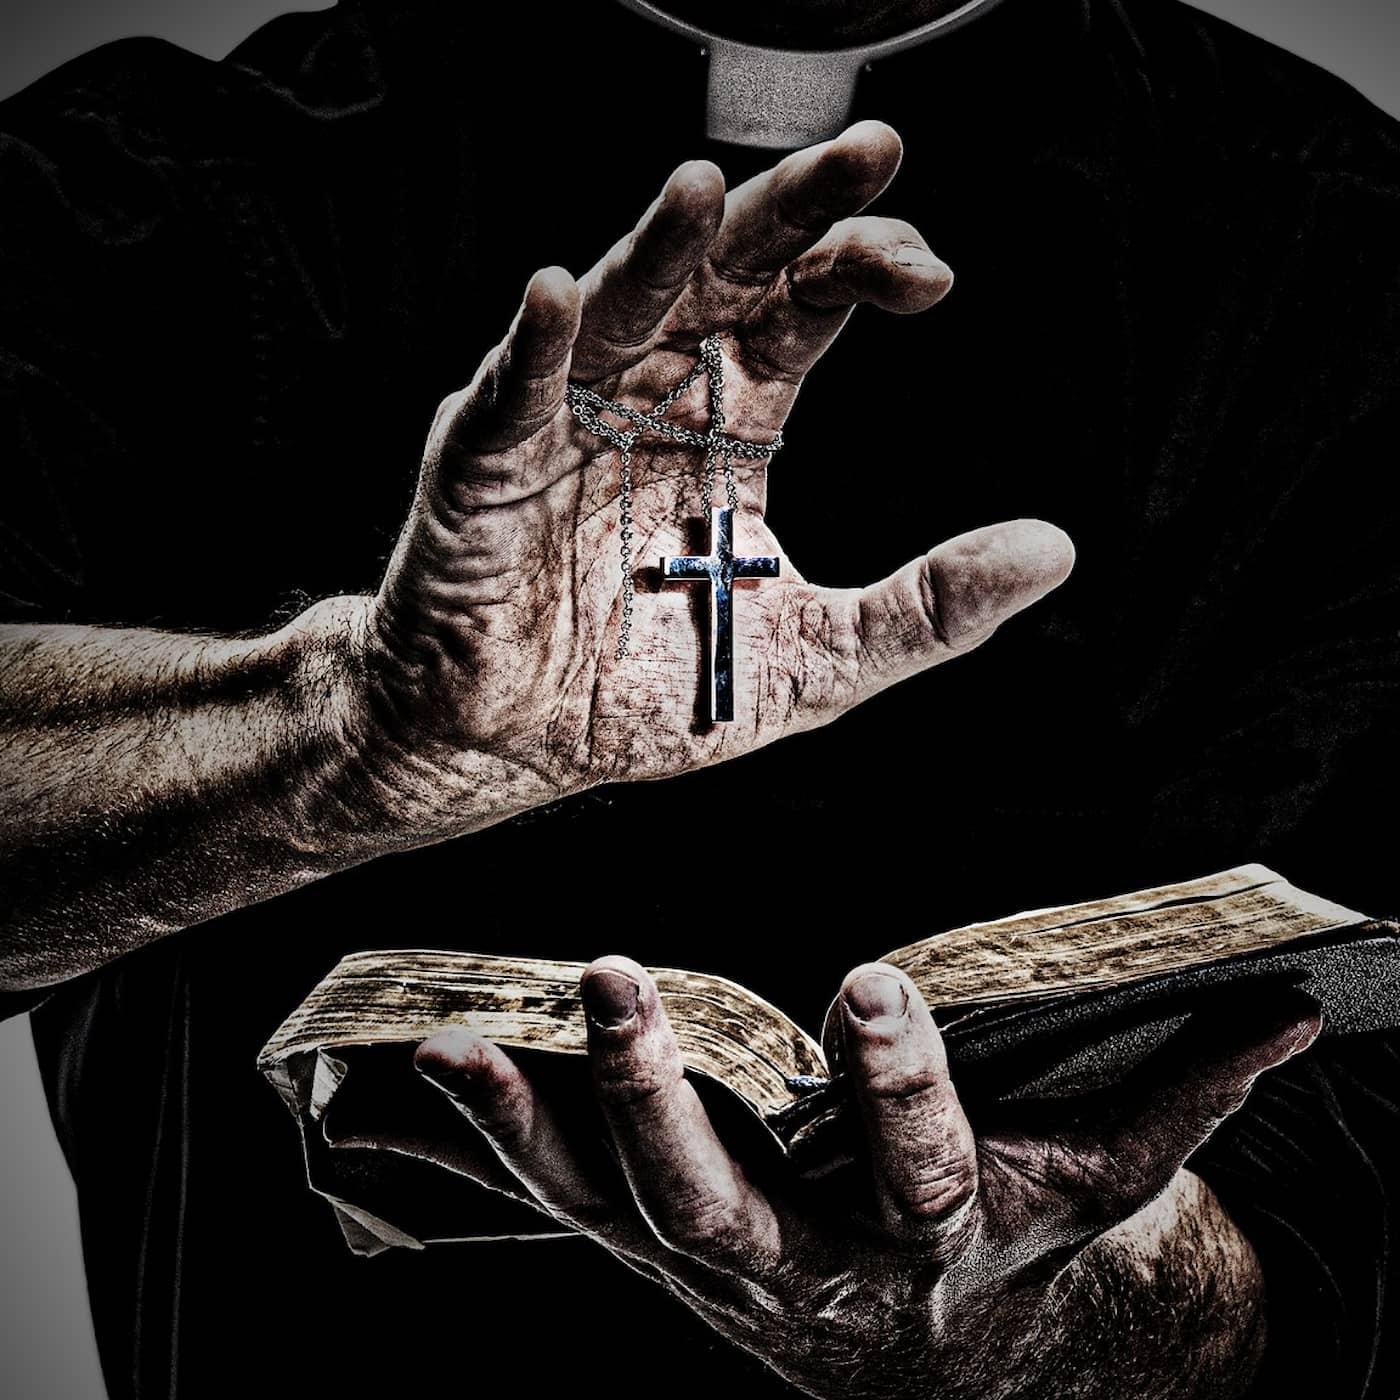 Del 2 av 8. Exorcismen i Eksjö – Hemsökt